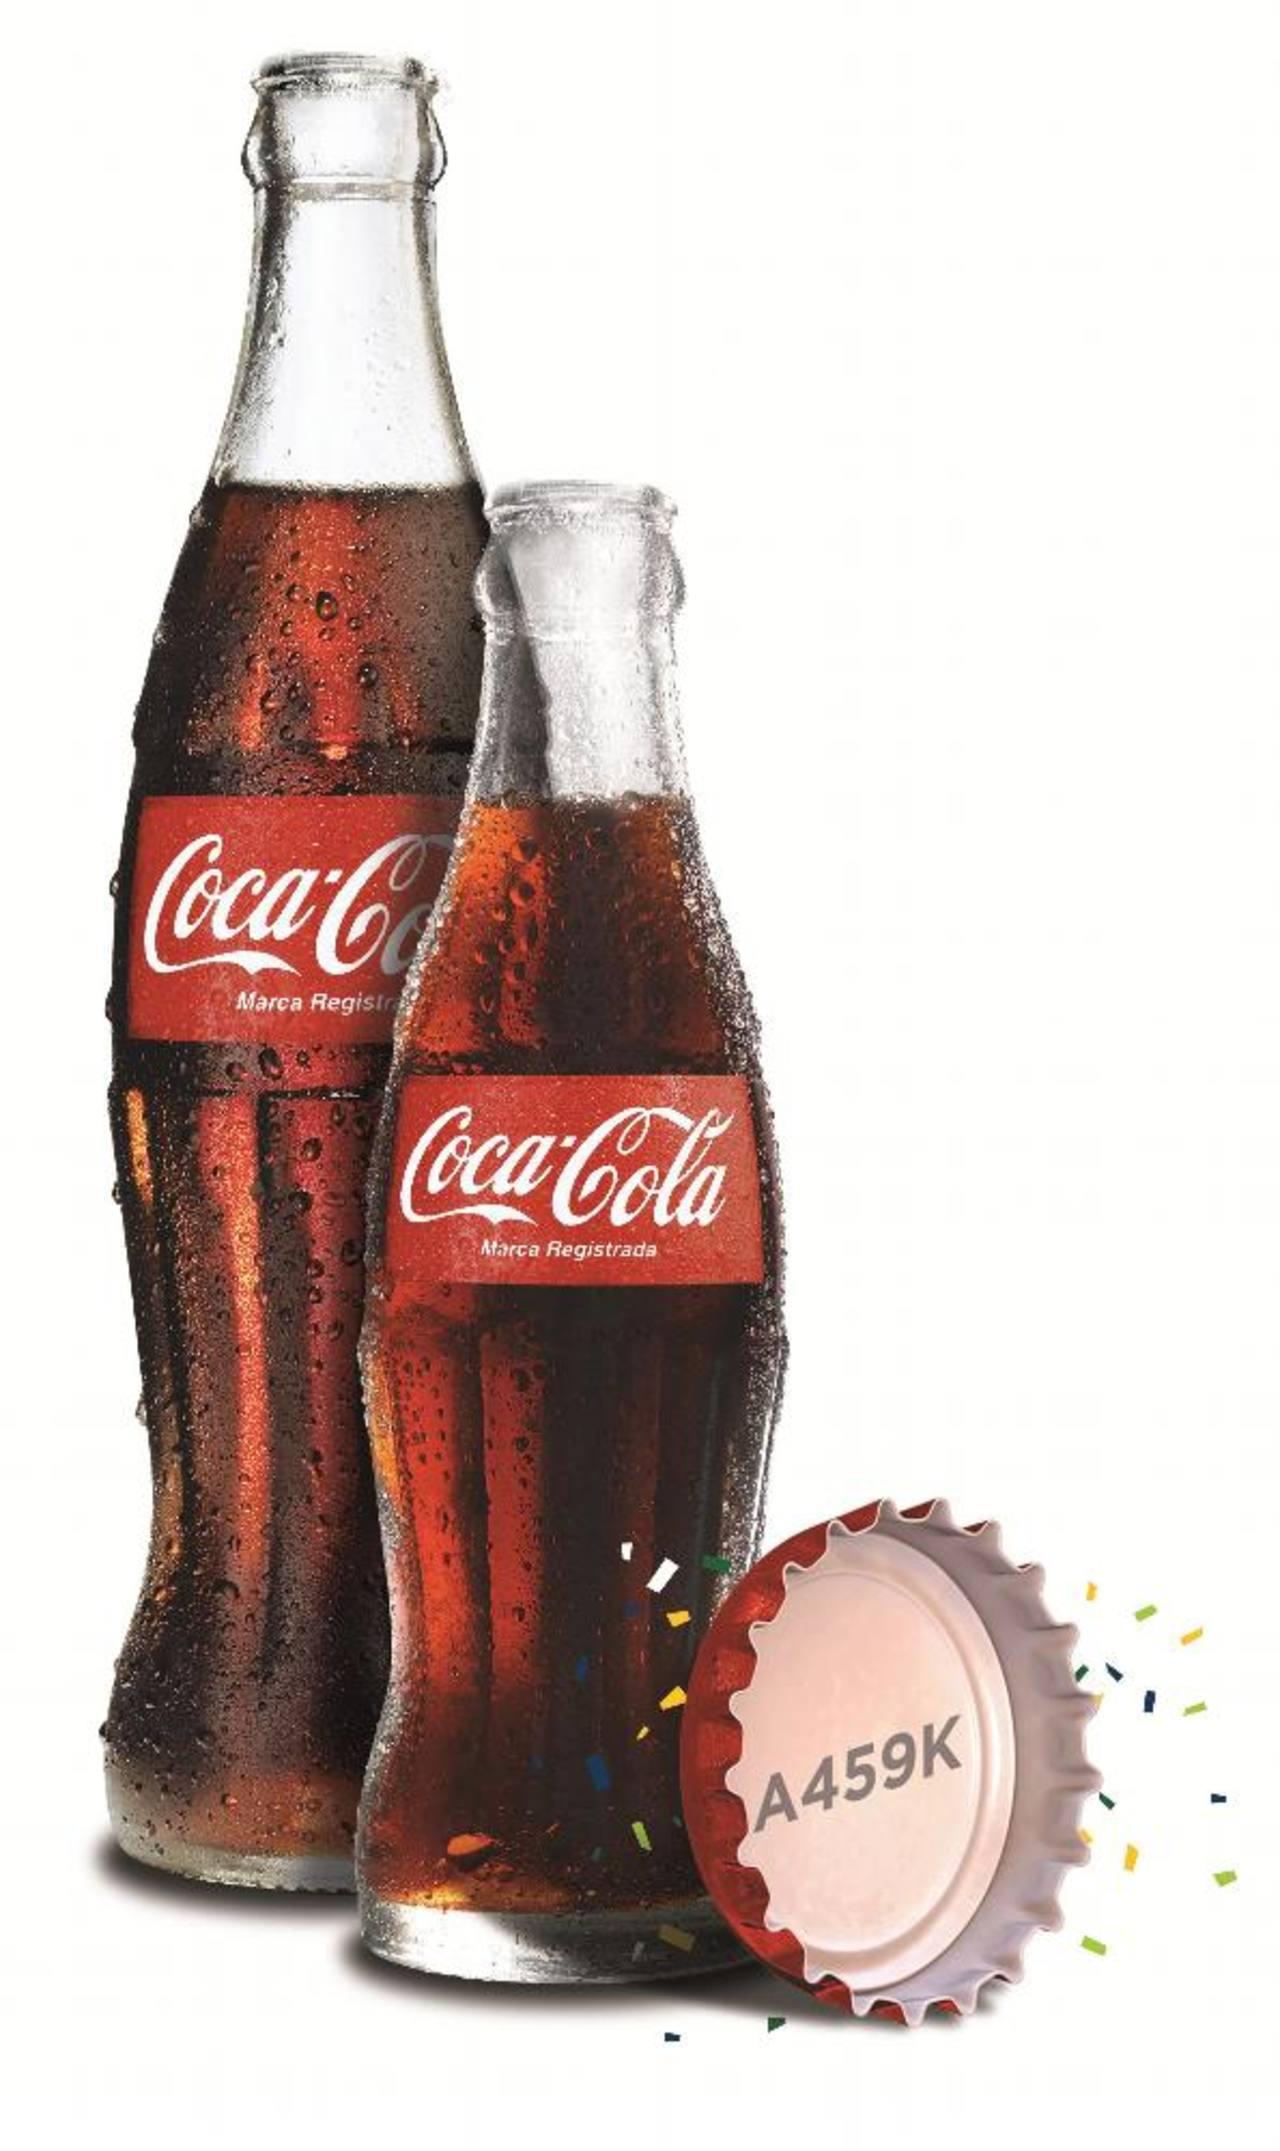 Coca-Cola celebra el Mundial Brasil 2014 llevando a dos salvadoreños a la mejor celebración de fútbol del mundo.